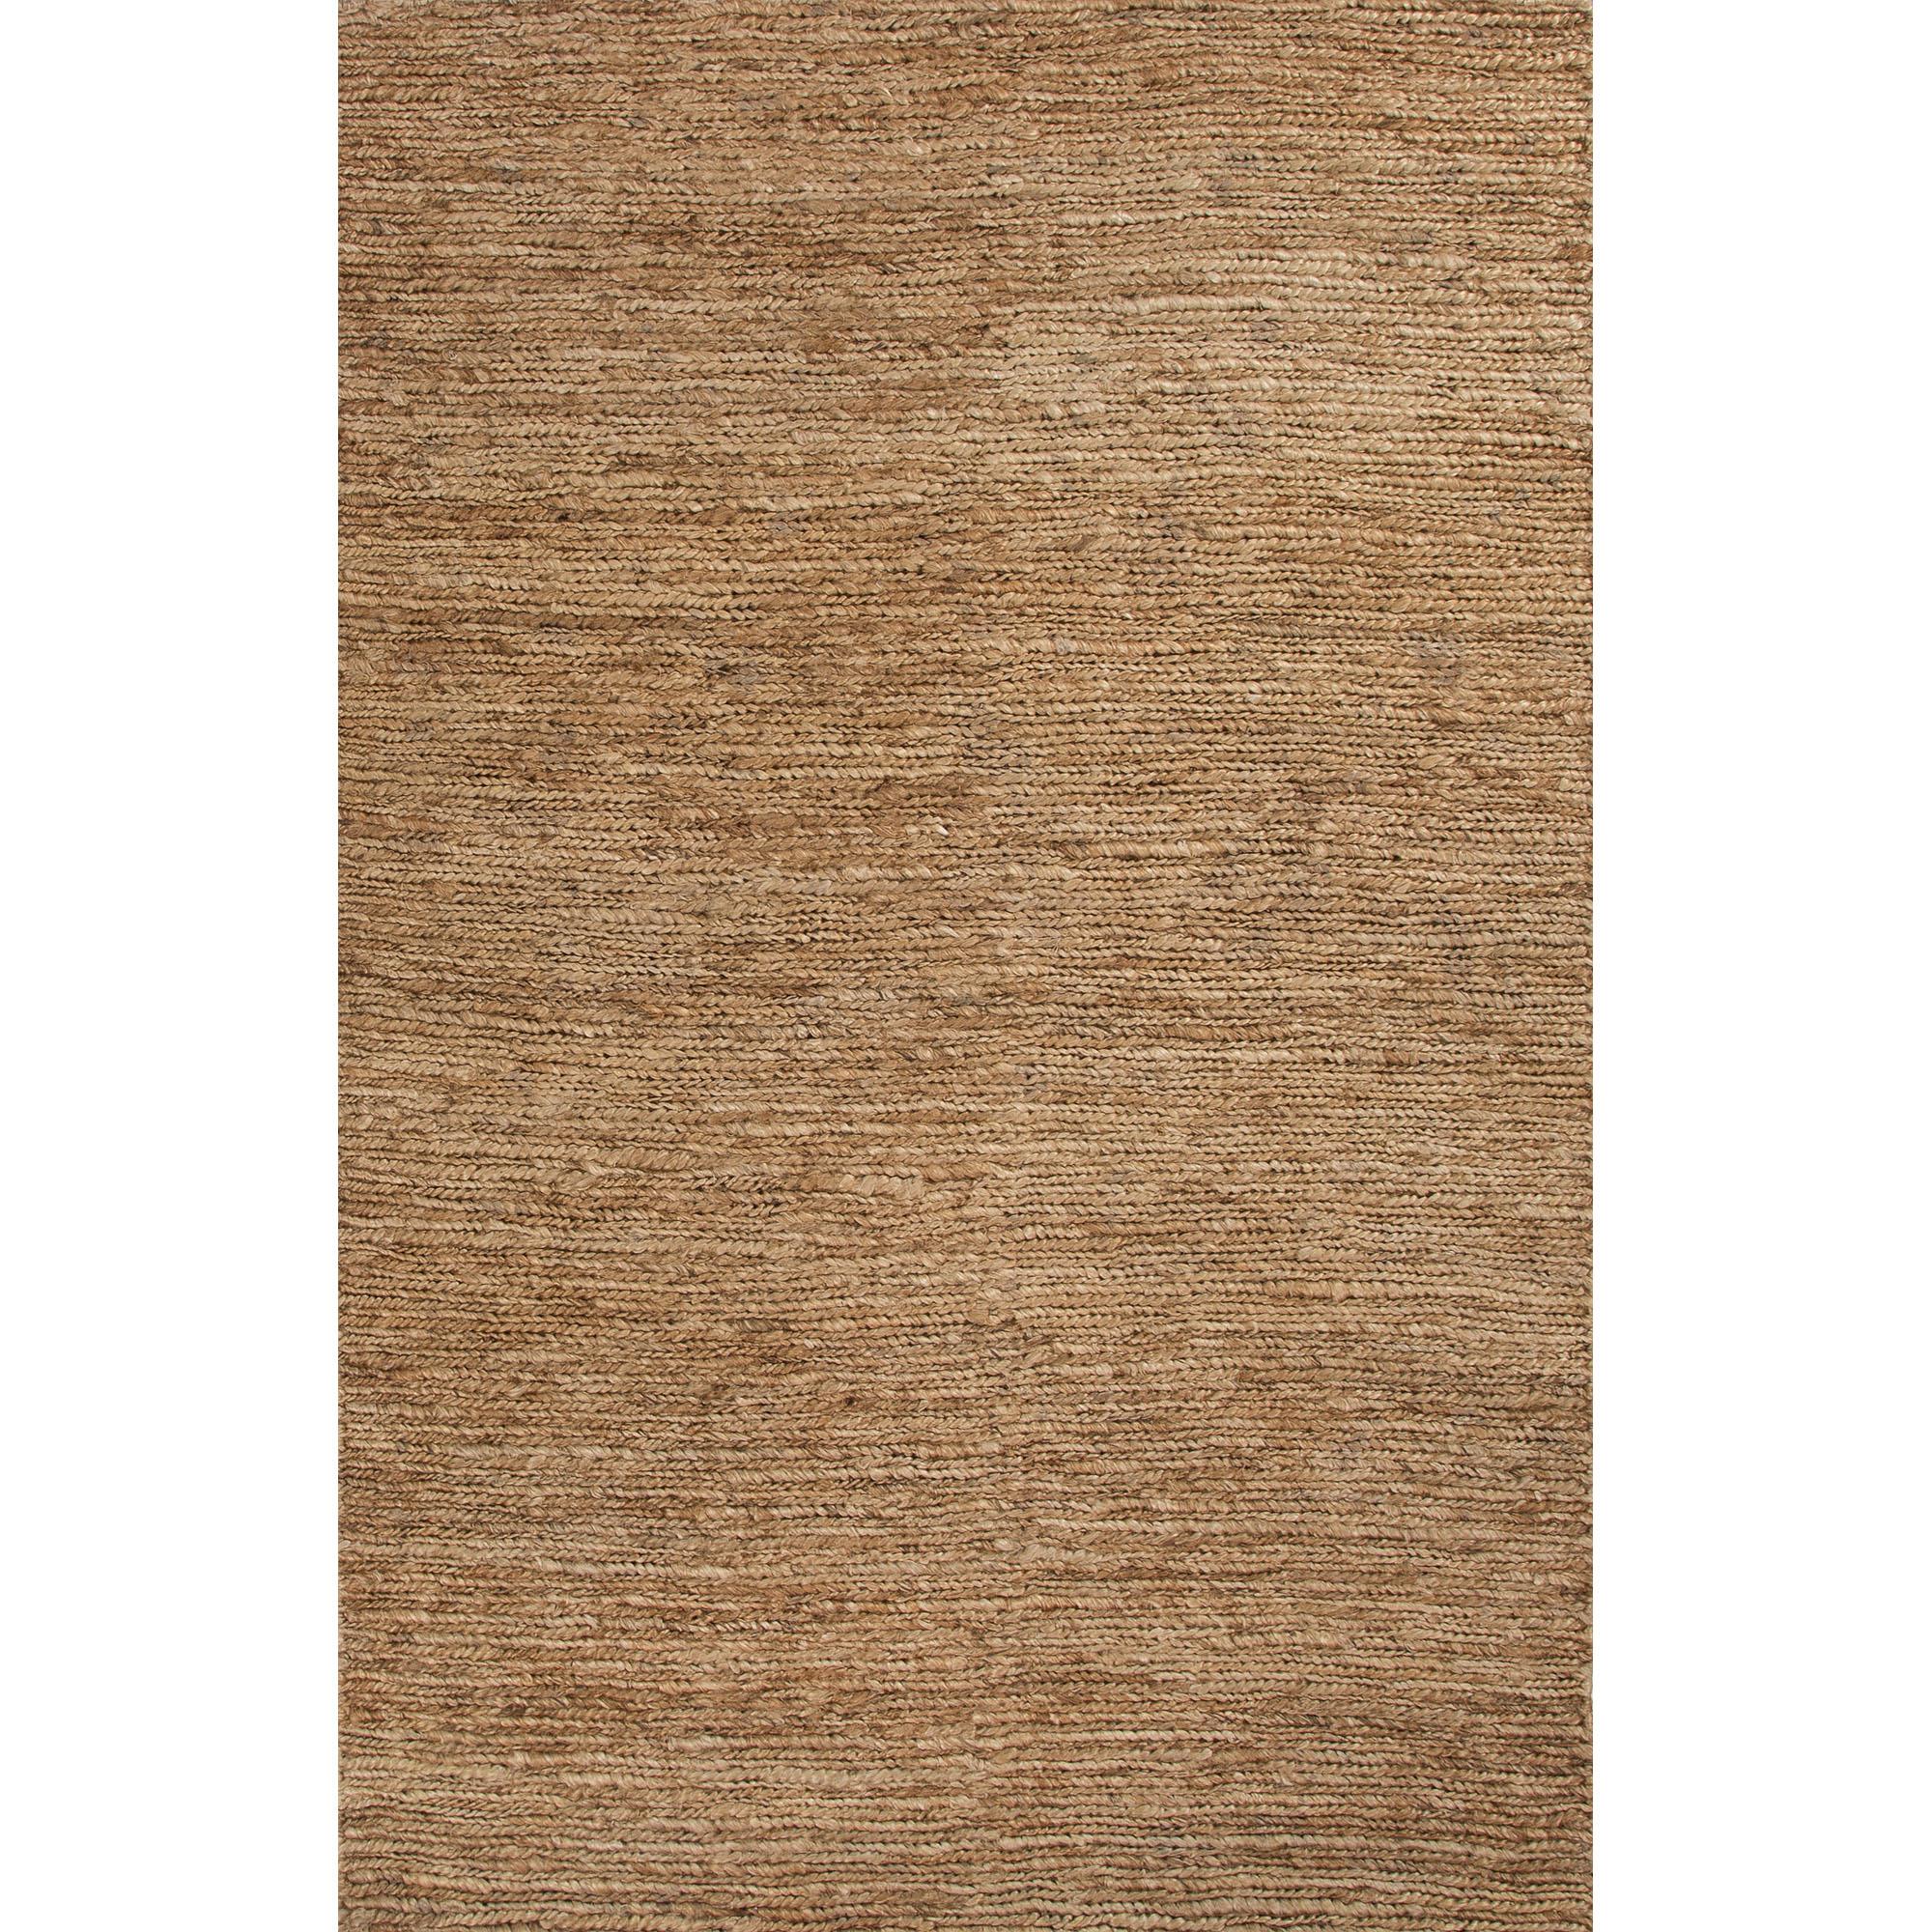 JAIPUR Rugs Hula 8 x 10 Rug - Item Number: RUG116720